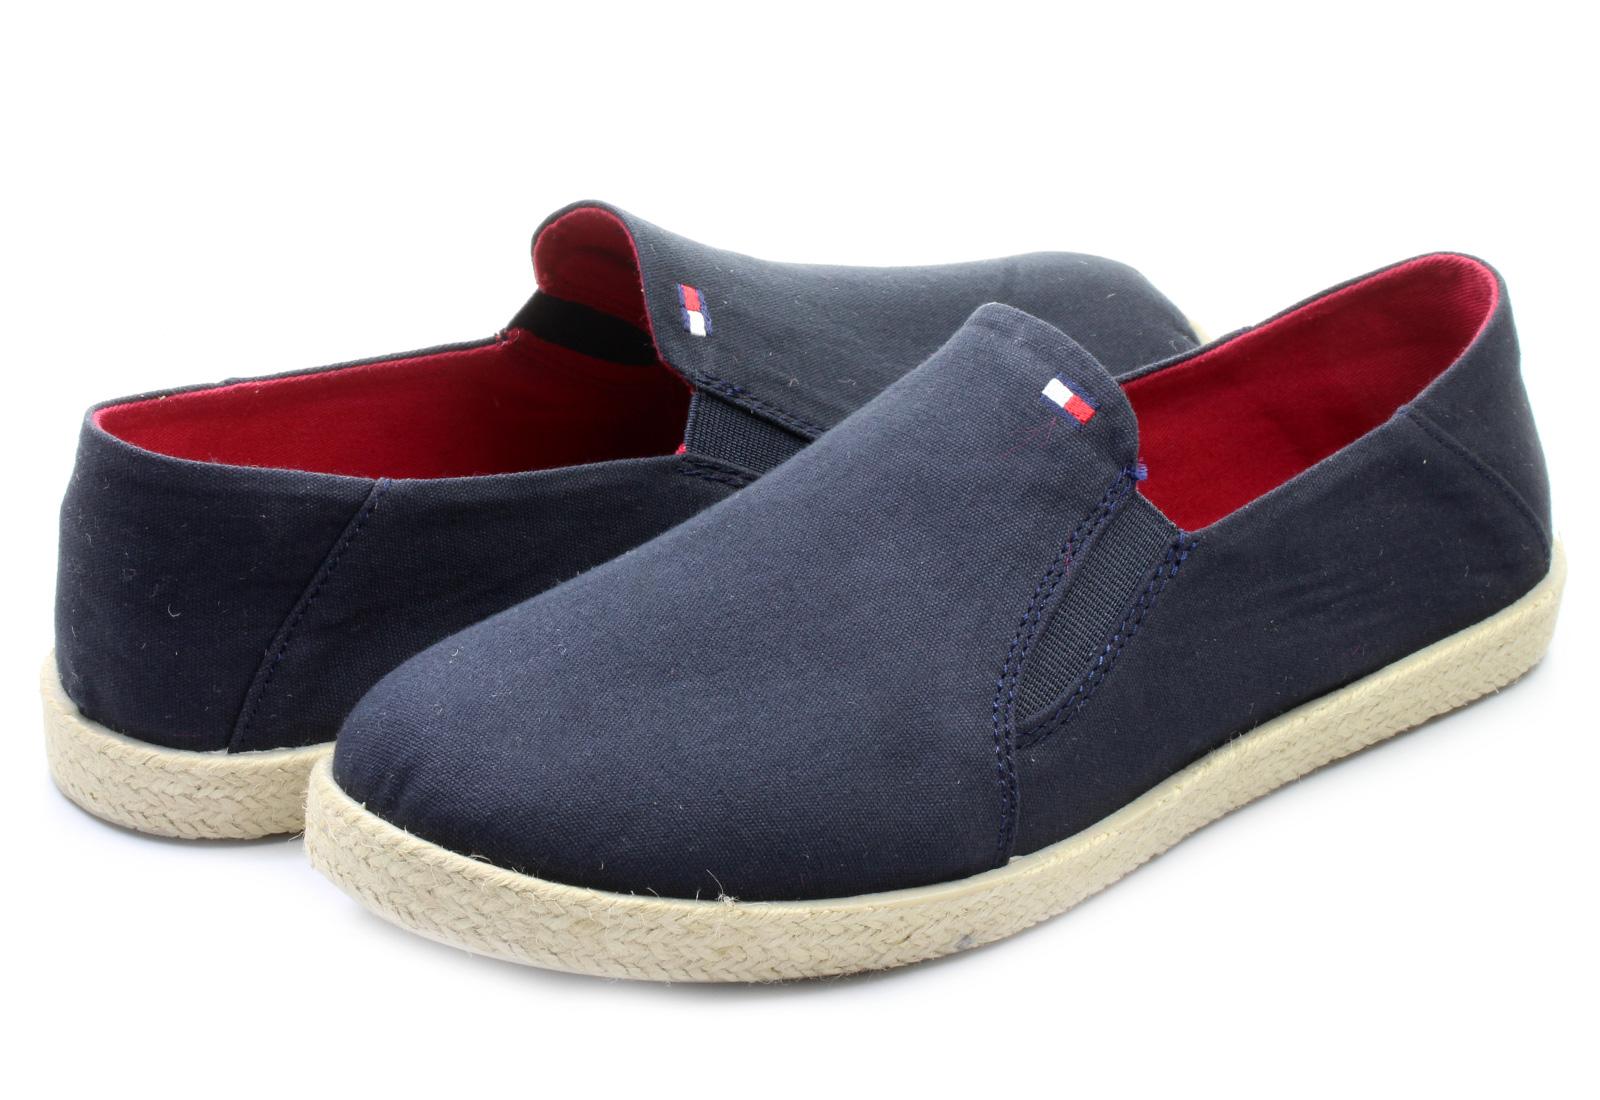 Tommy Hilfiger Cipő - Gerry 4d - 15S-8893-403 - Office Shoes ... 2b3fed42d4